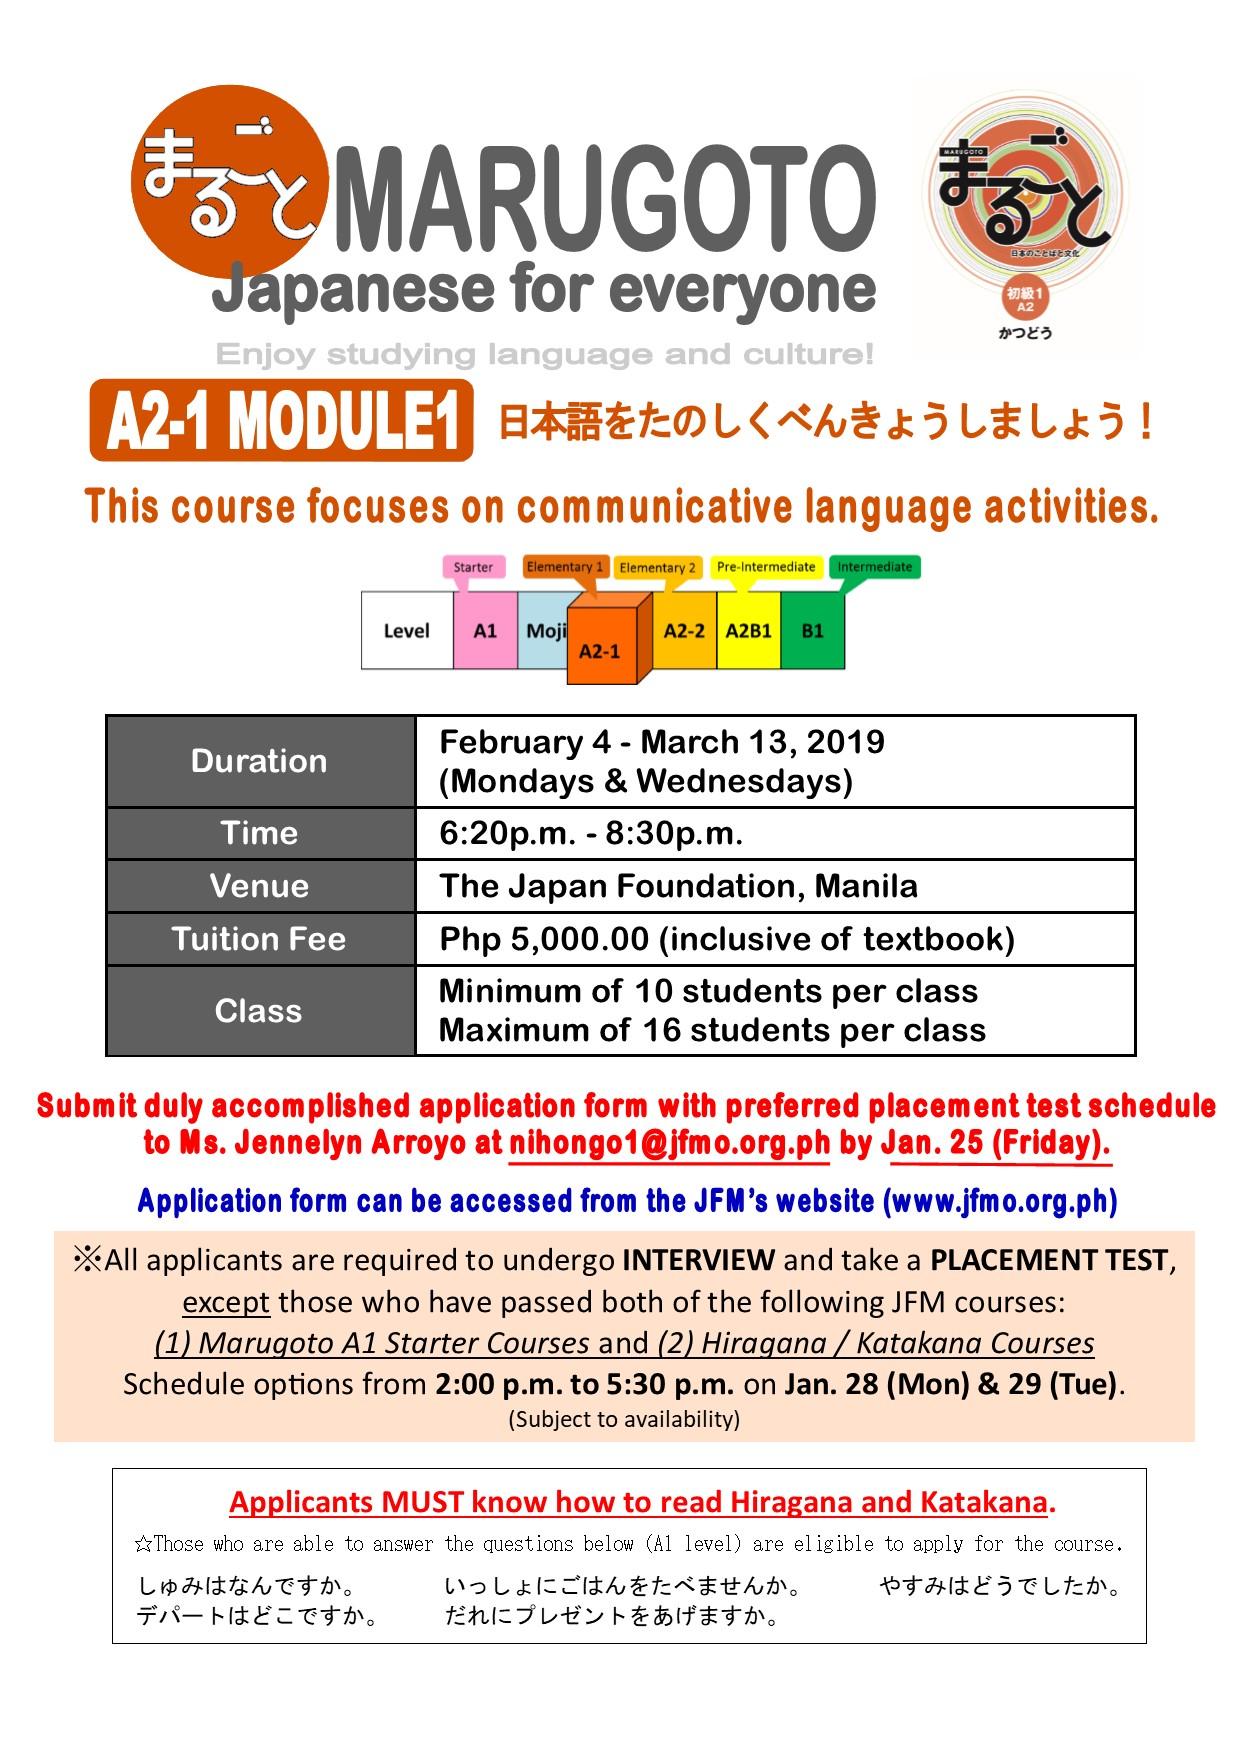 Japanese-Language Education Archives  eda34d63c7a3a